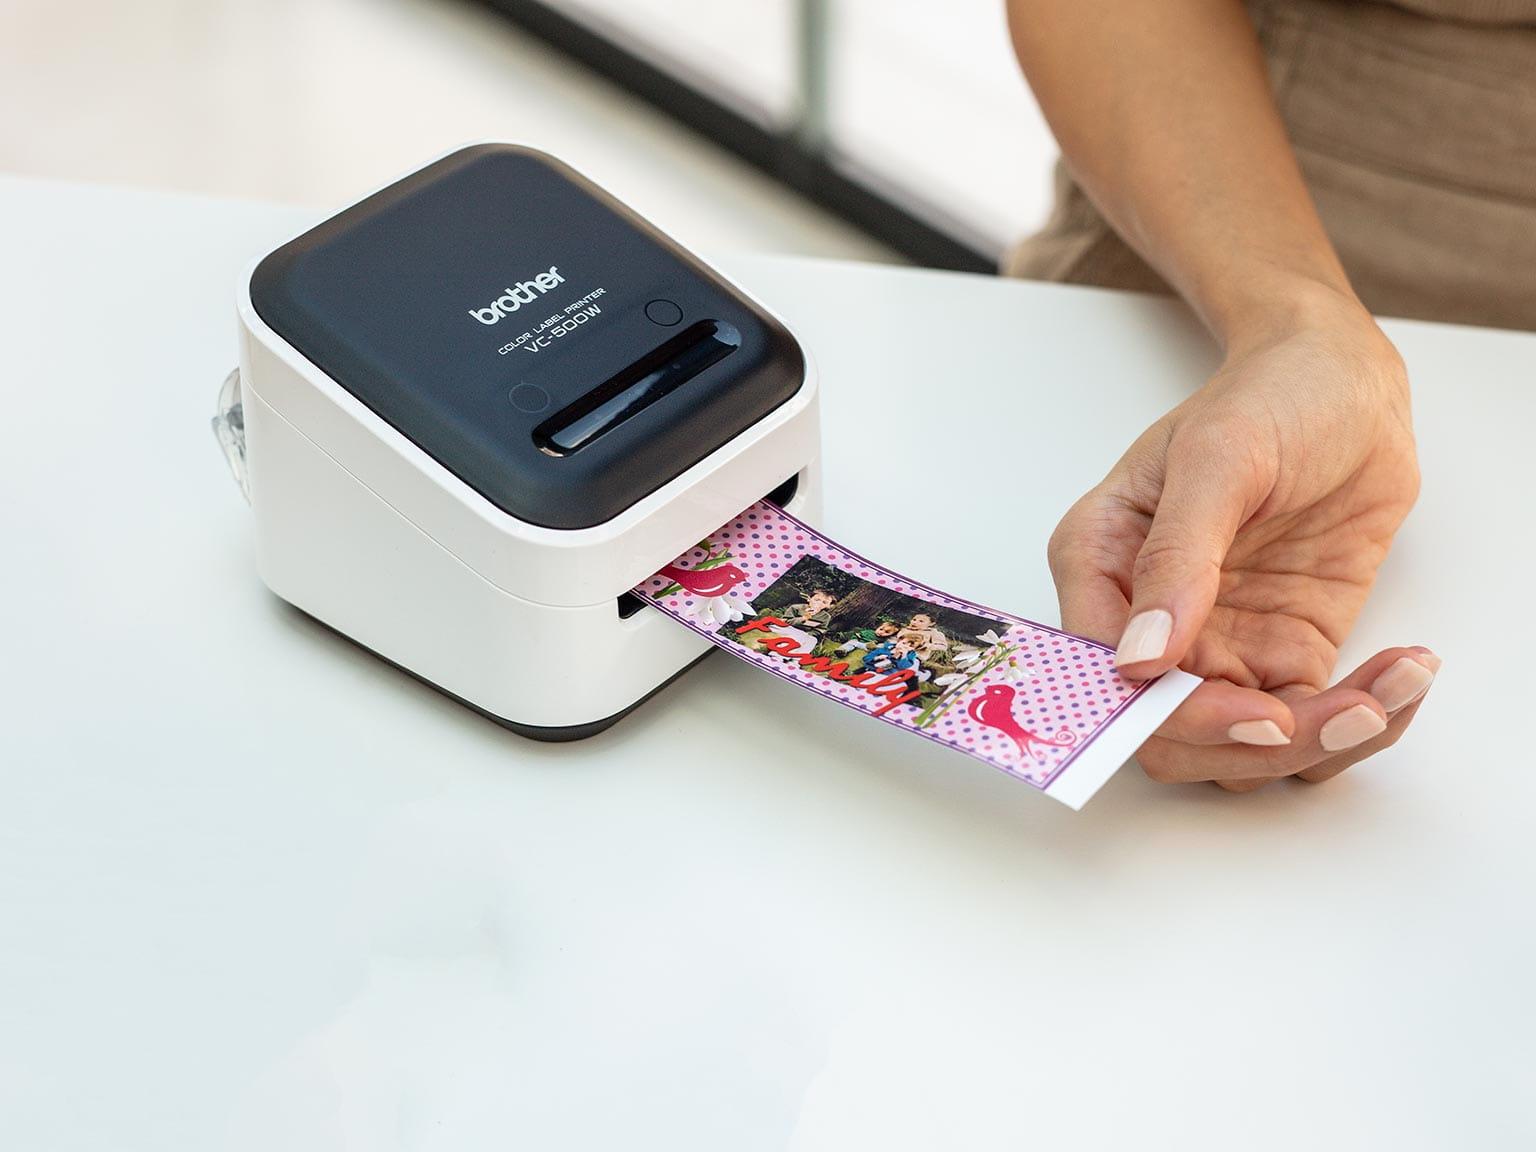 barvni tiskalnik nalepk Brother VC-500W tiska široko nalepko, ki vključuje fotografijo